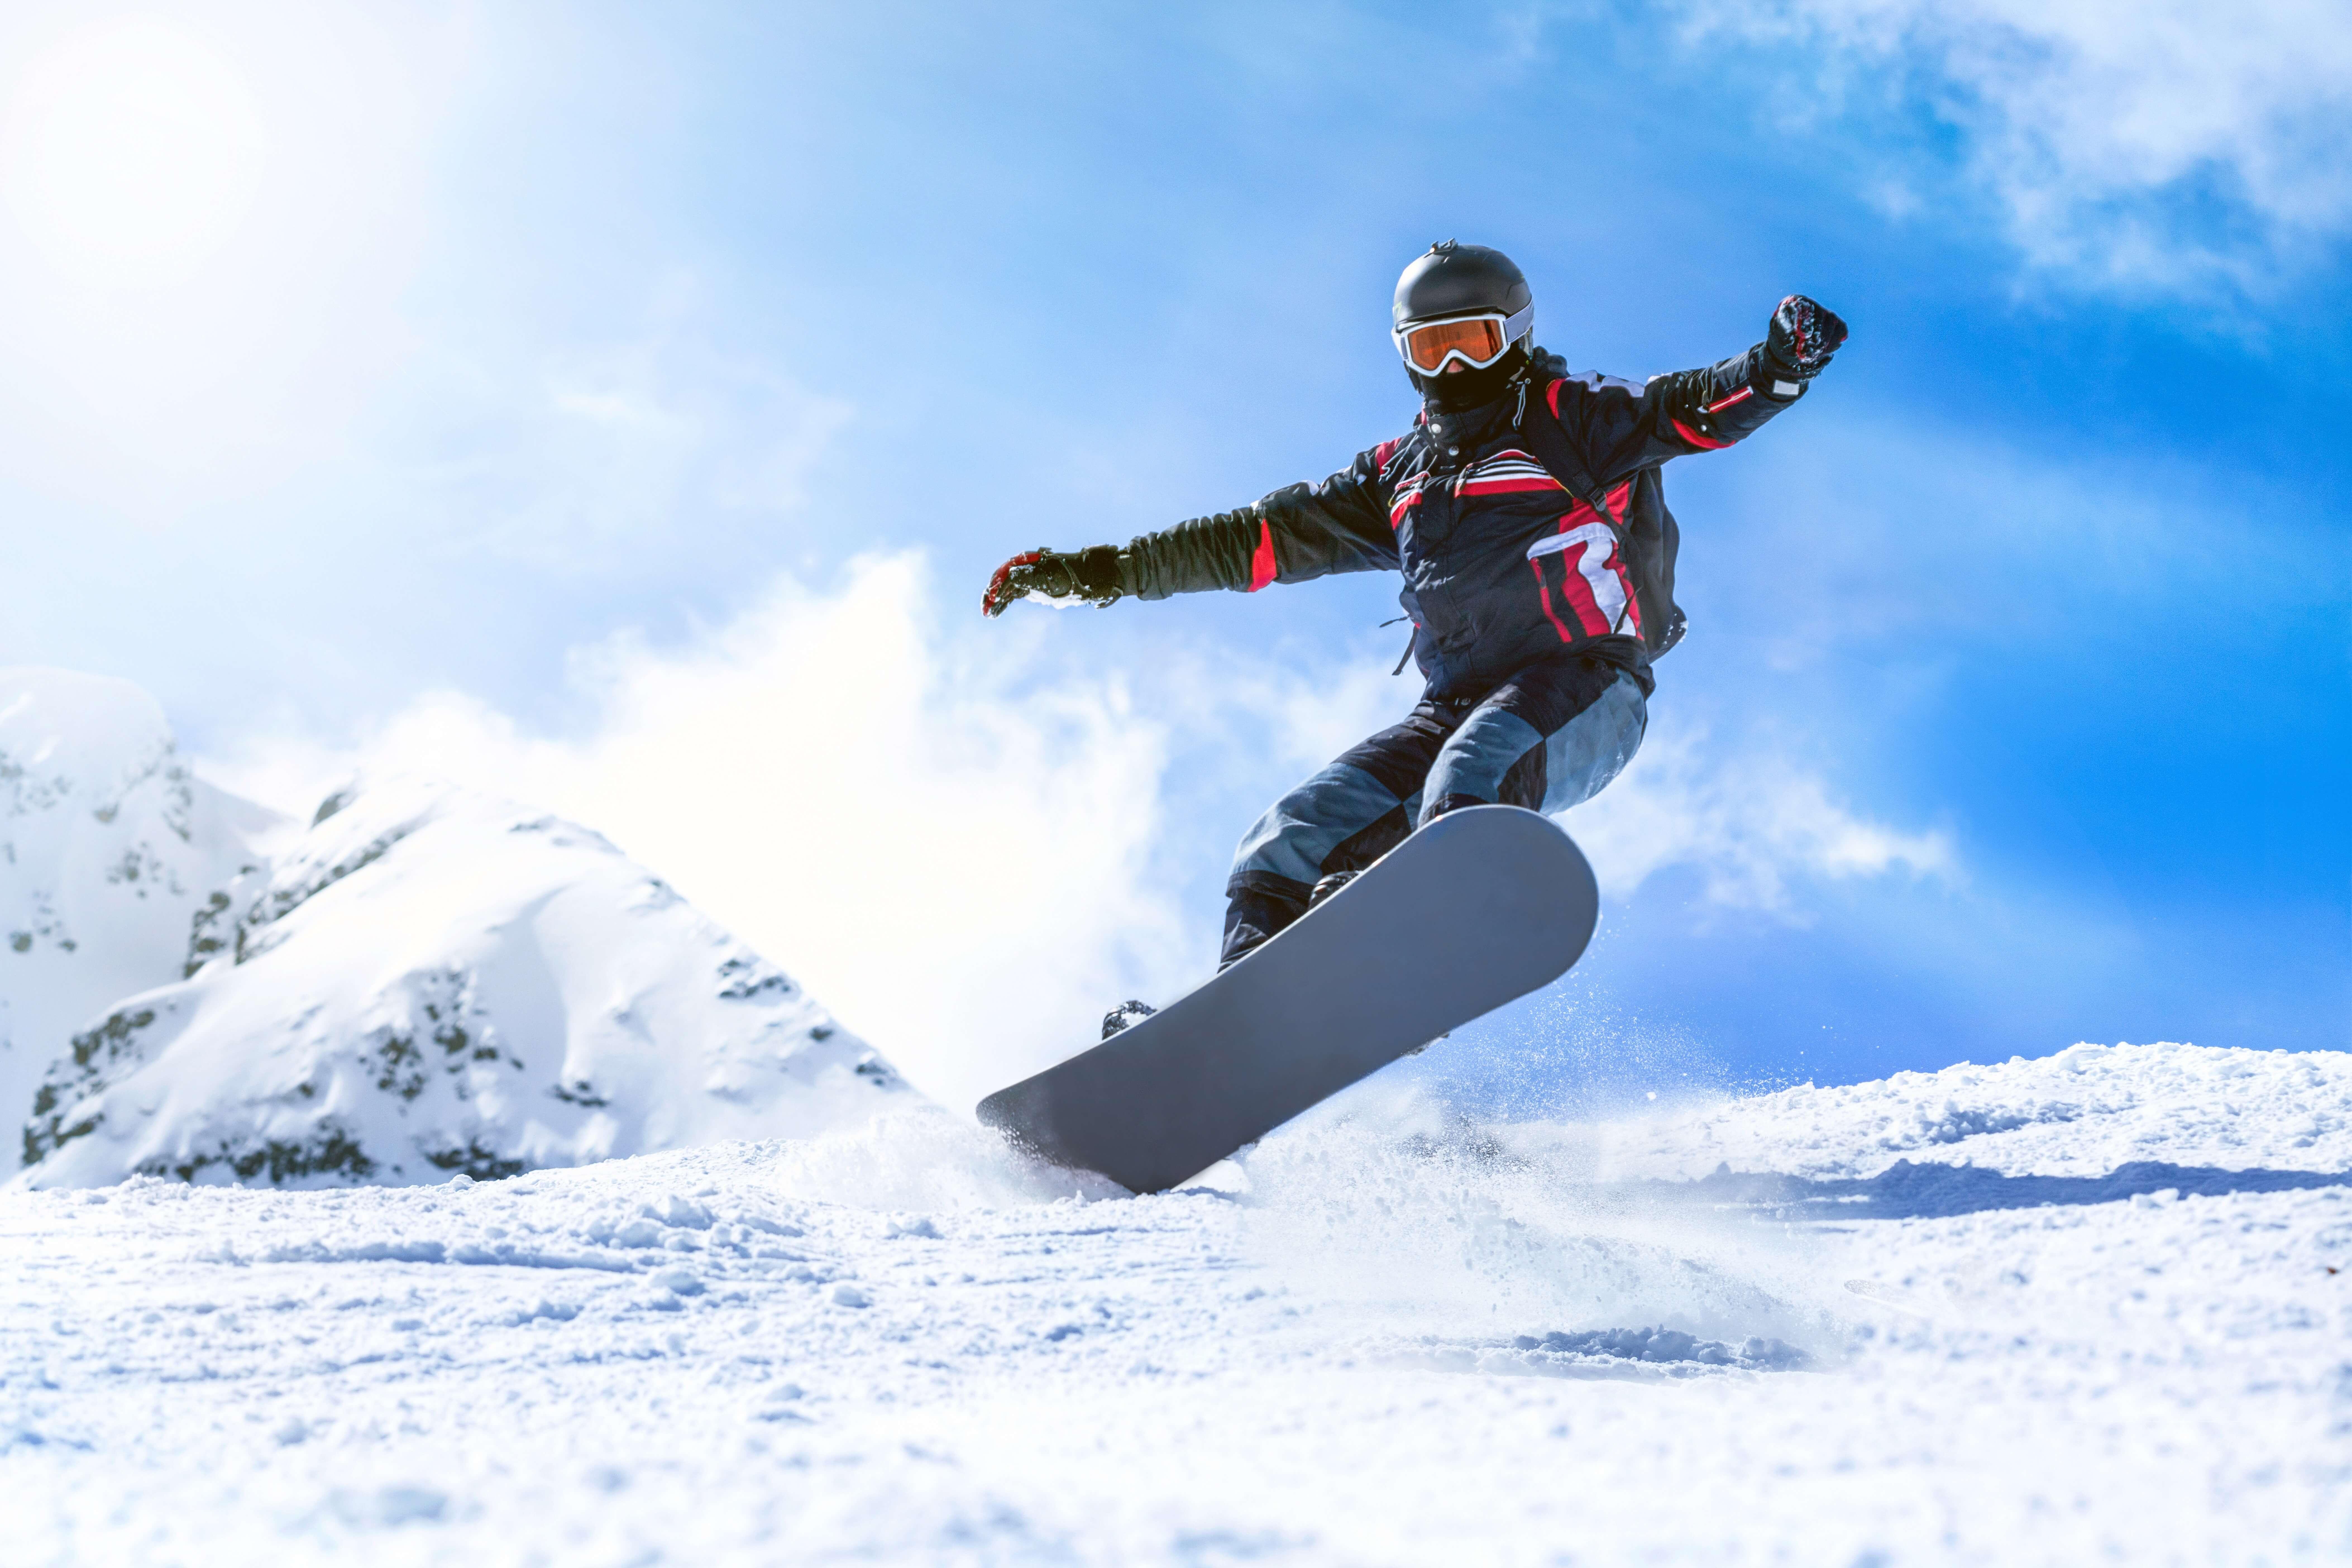 スノーボードで滑走する男性